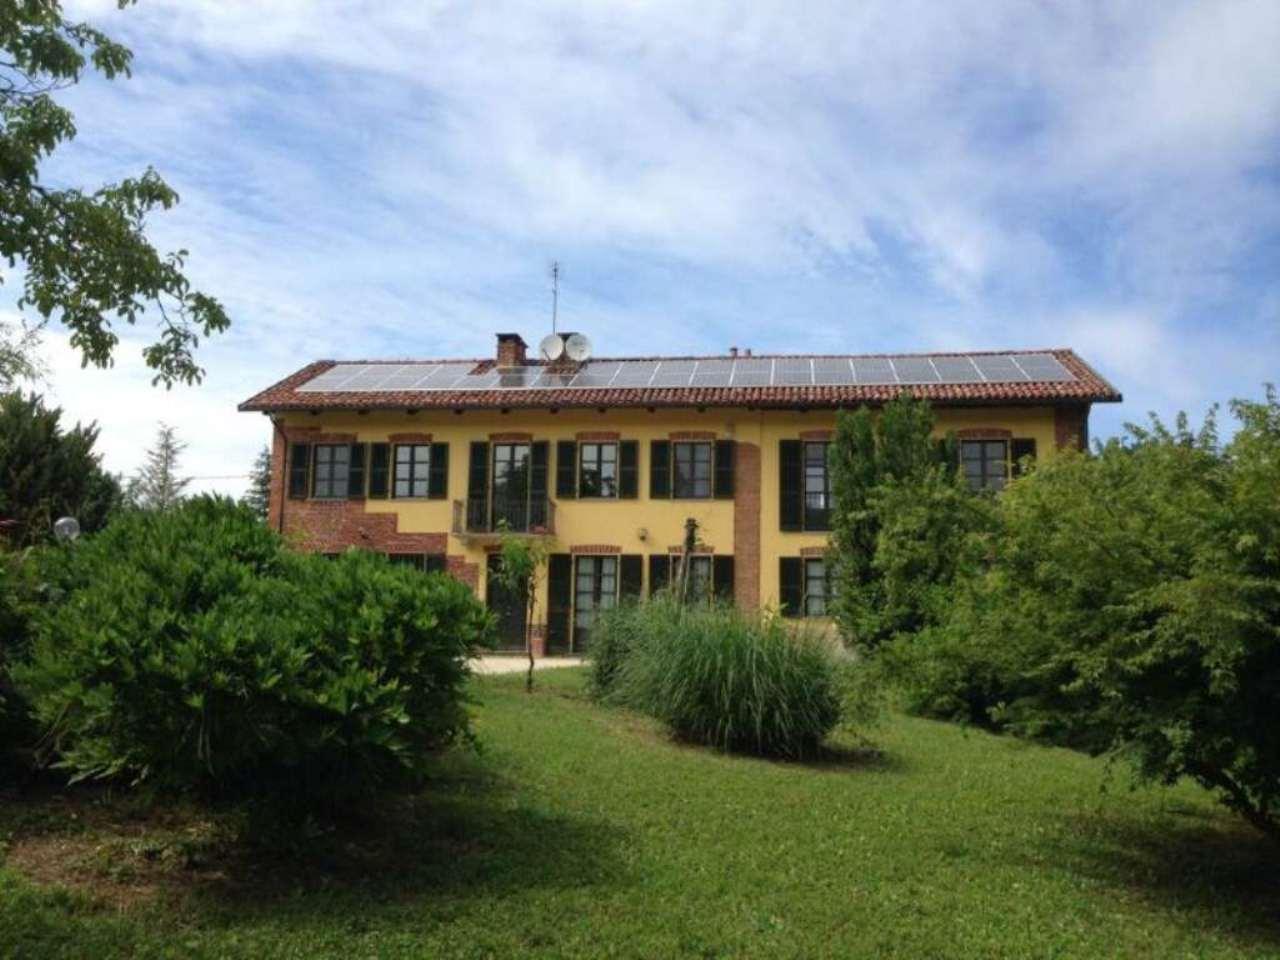 Soluzione Indipendente in vendita a Cantarana, 9999 locali, prezzo € 540.000 | Cambio Casa.it